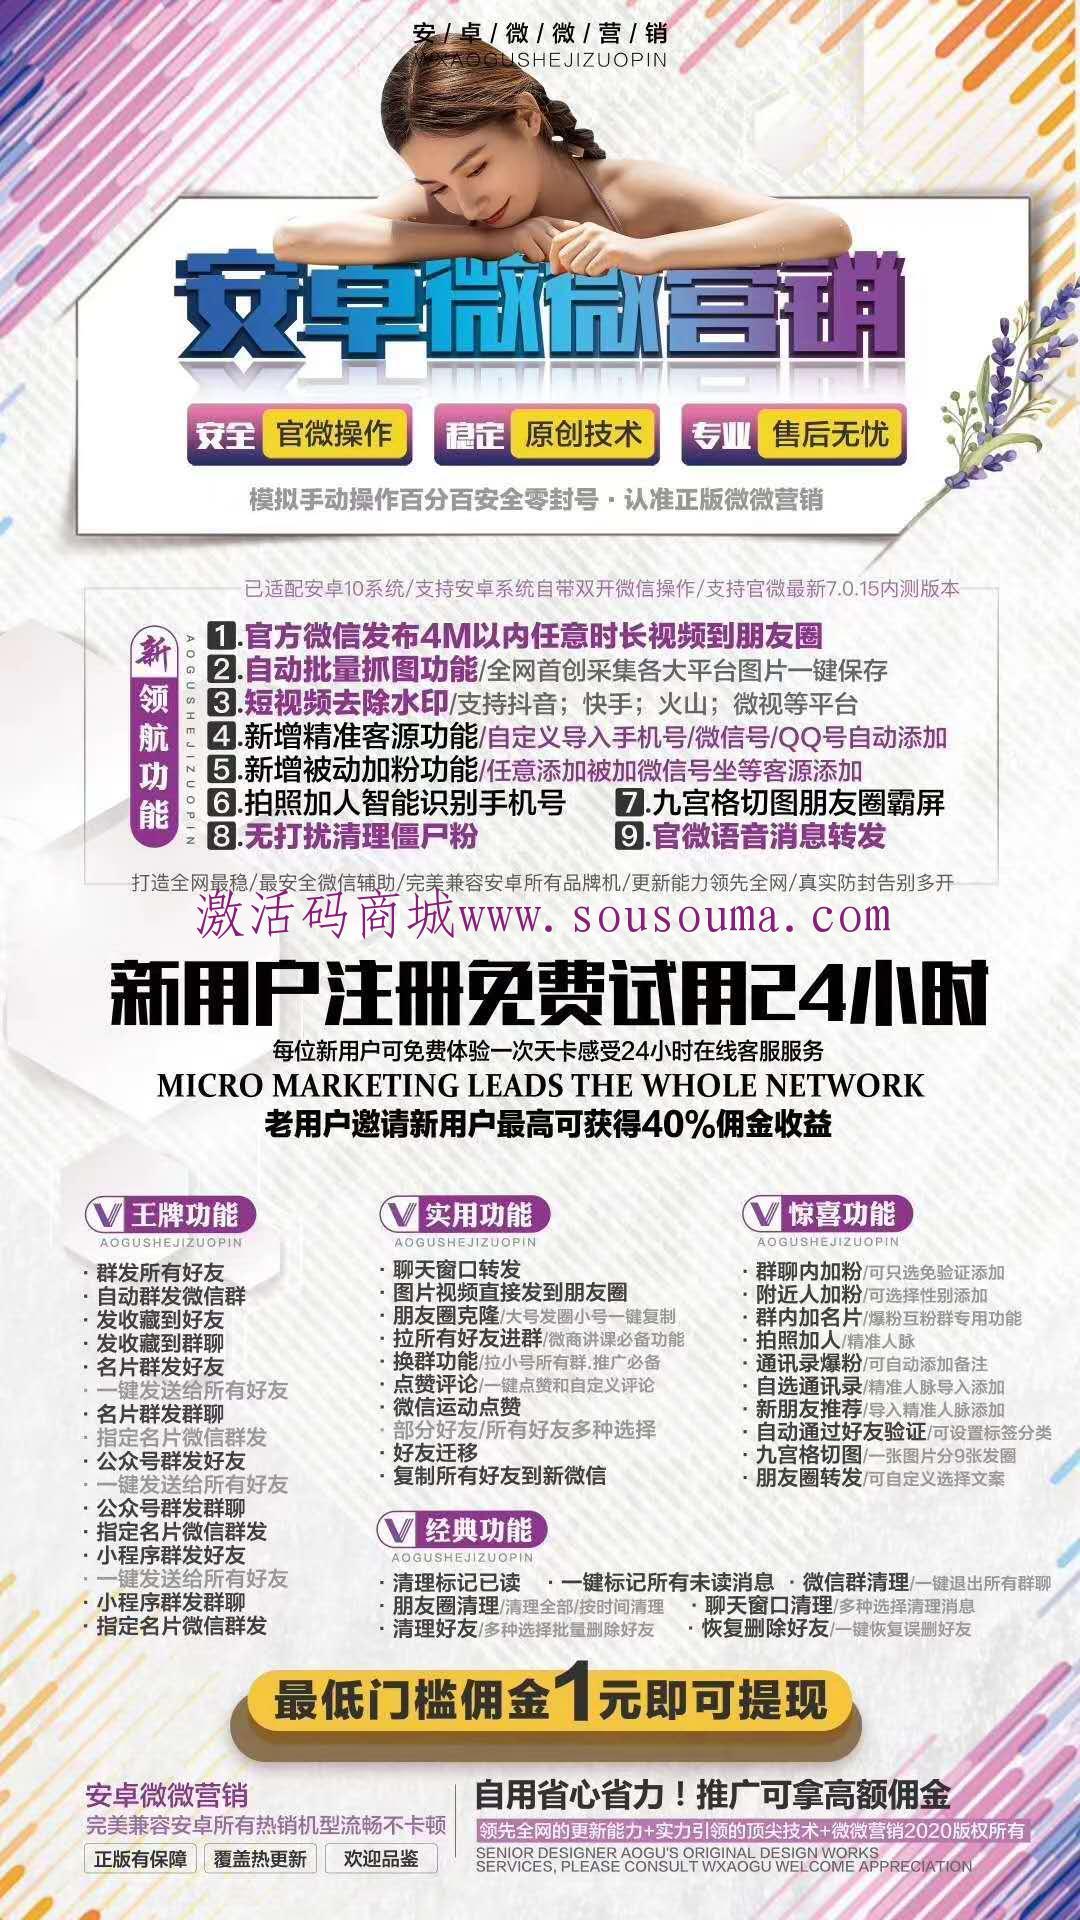 【安卓微微营销官网】安卓辅助类营销软件激活码授权代理